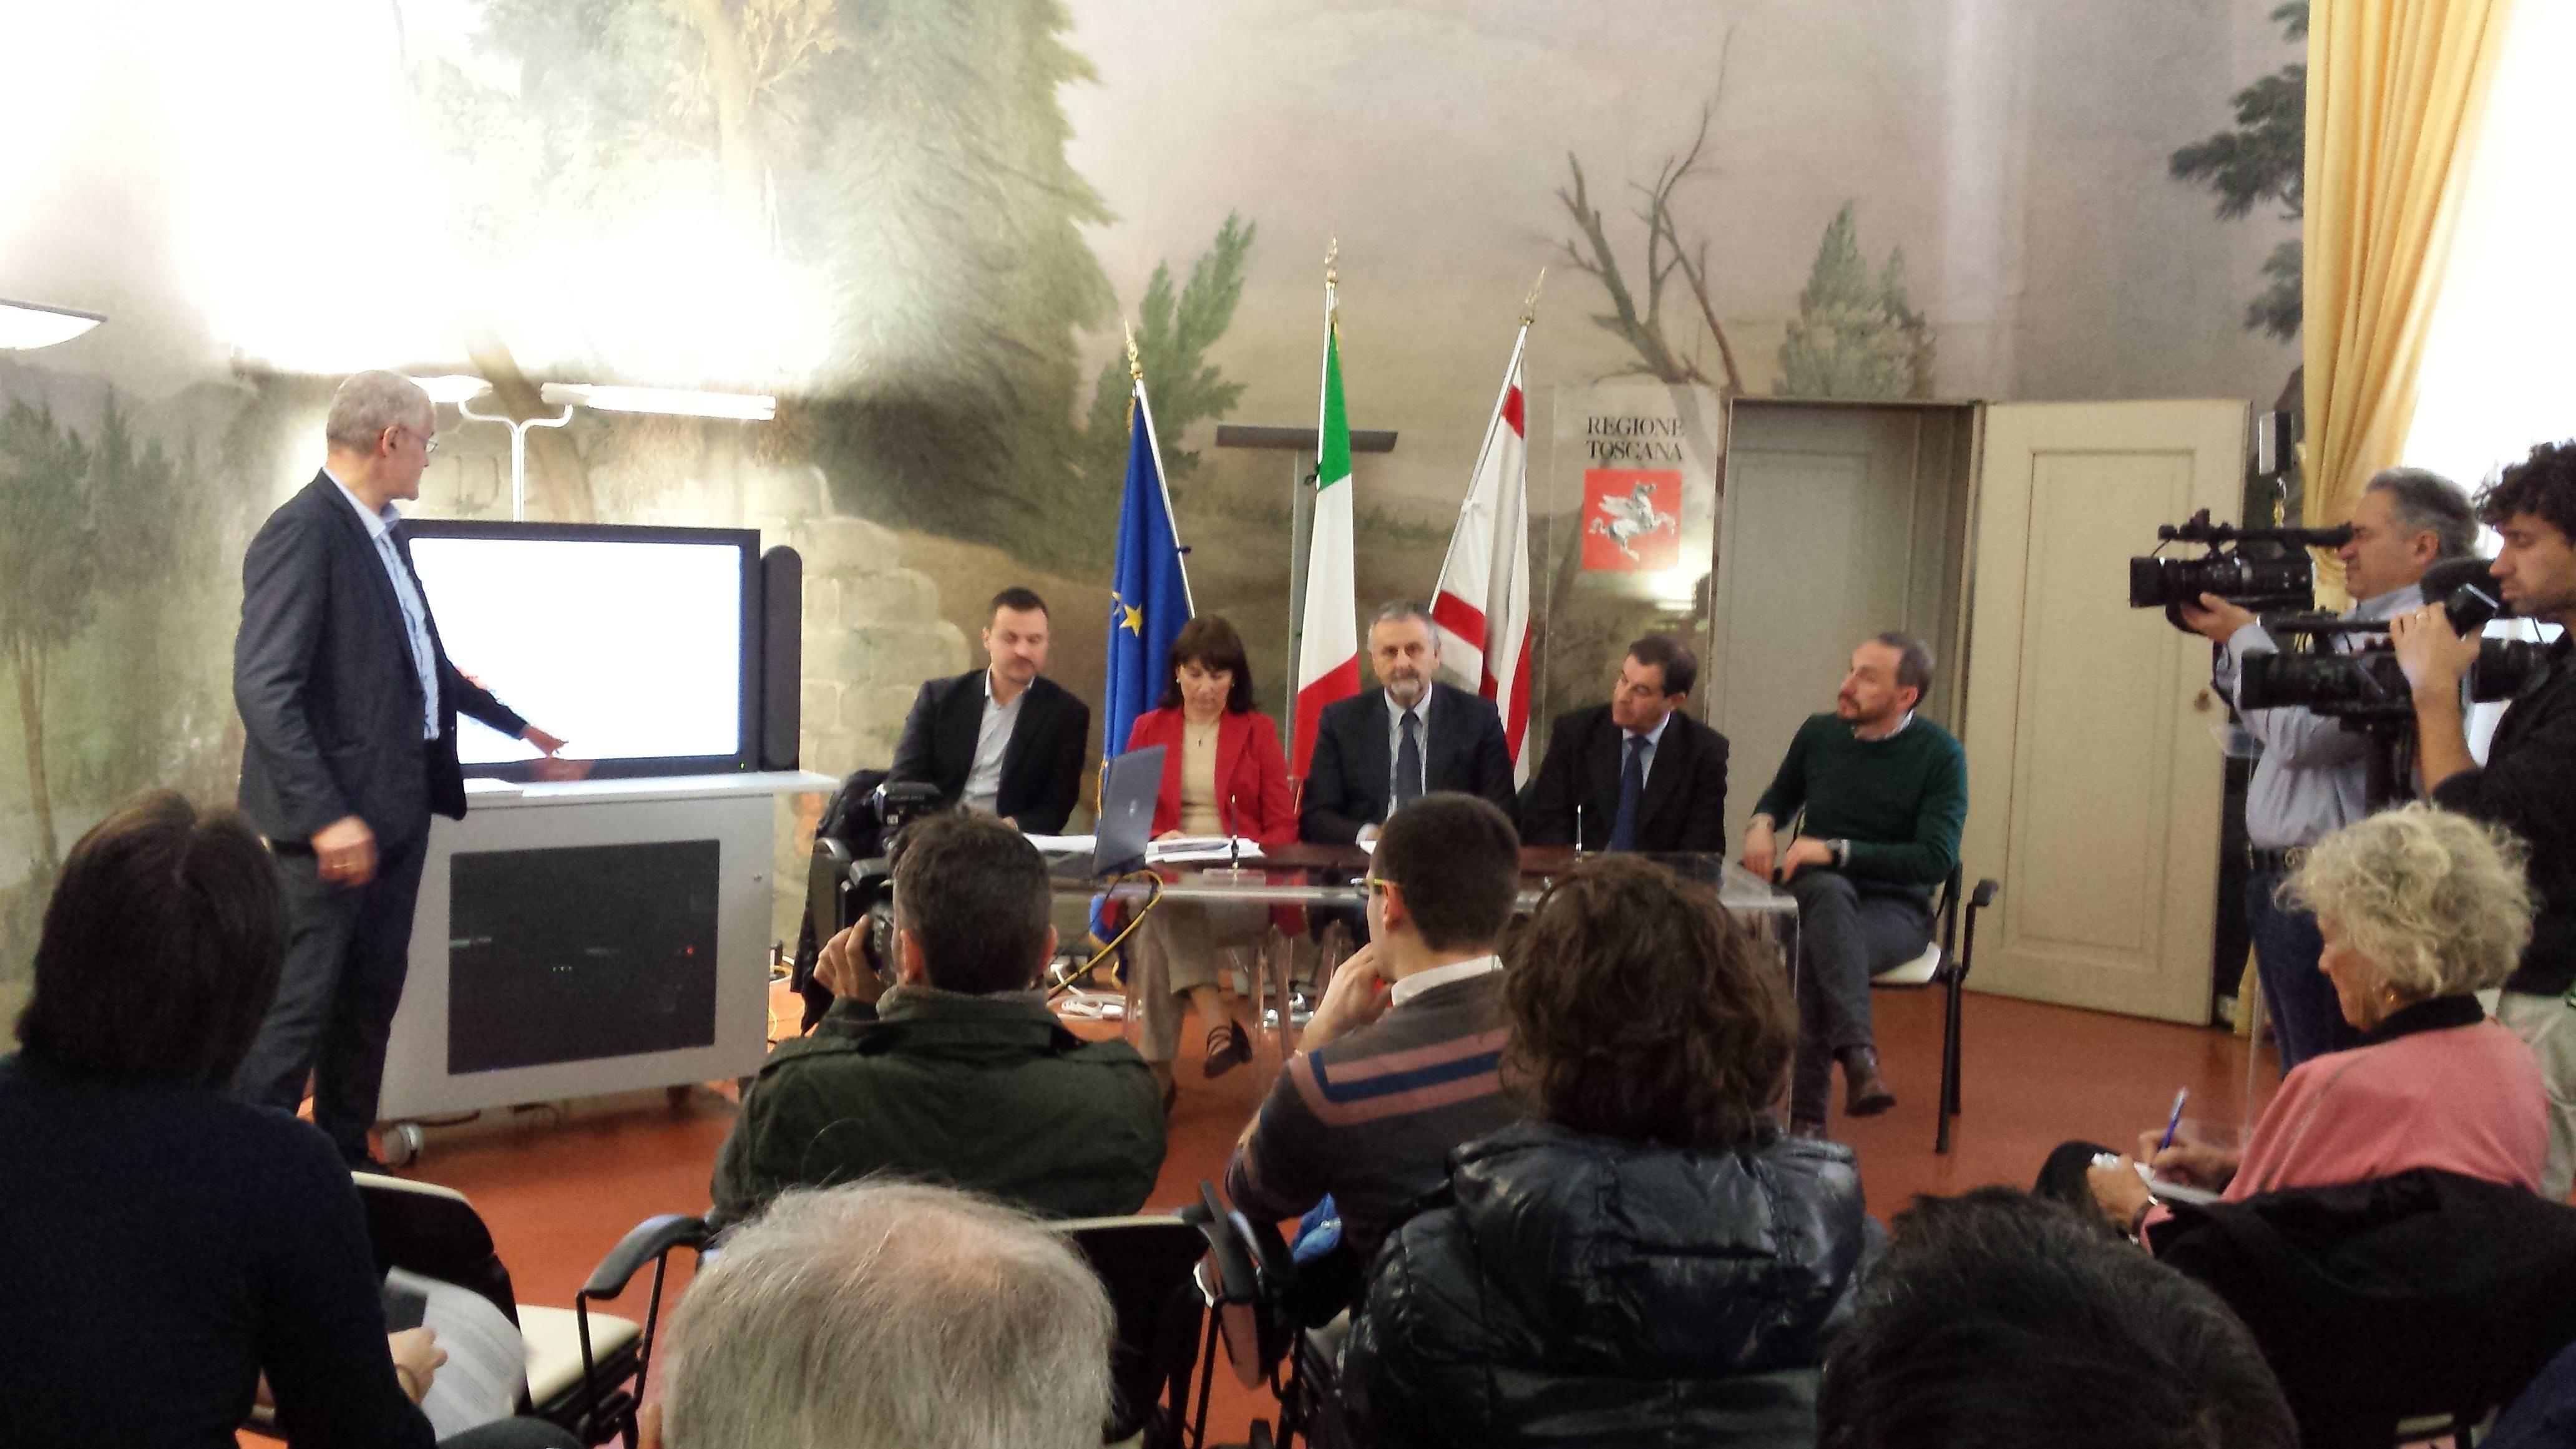 Tramvia Di Firenze Ceccarelli Fattibile Prolungamento